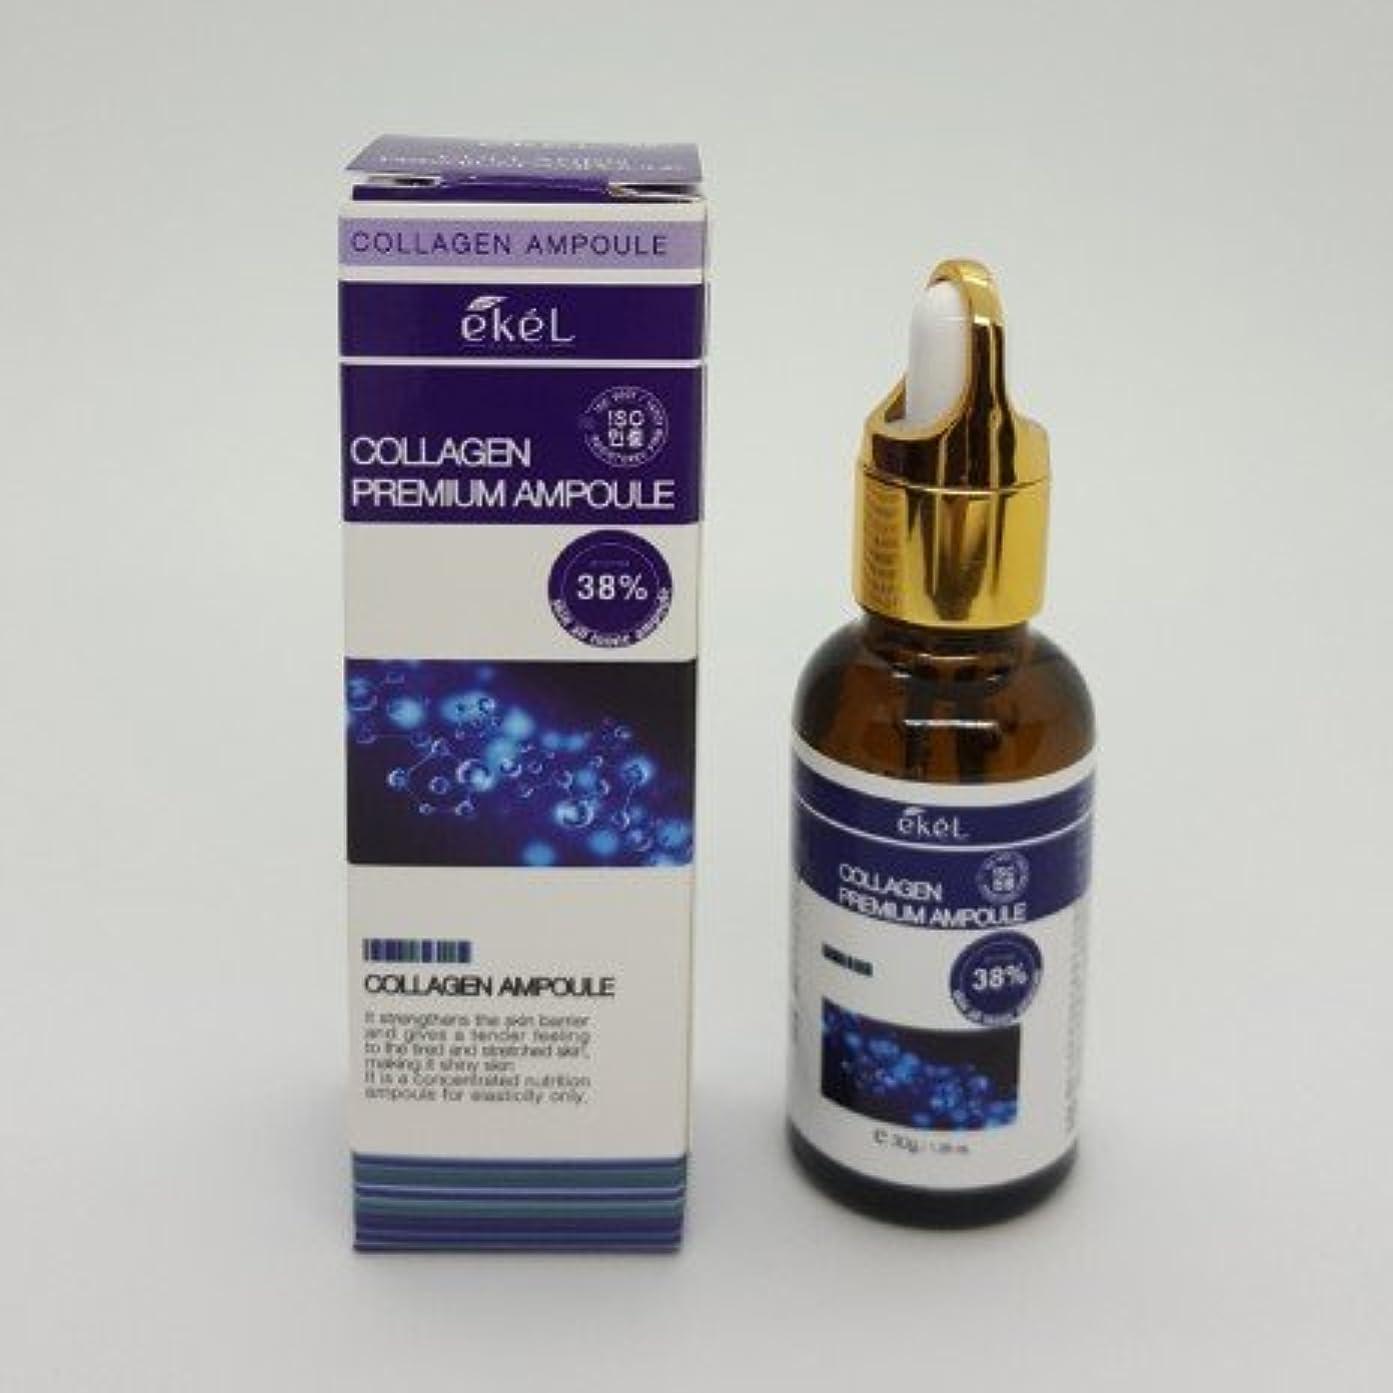 過度の自転車本質的ではない[EKEL] Collagen Premium Ampoule 38% - 30g